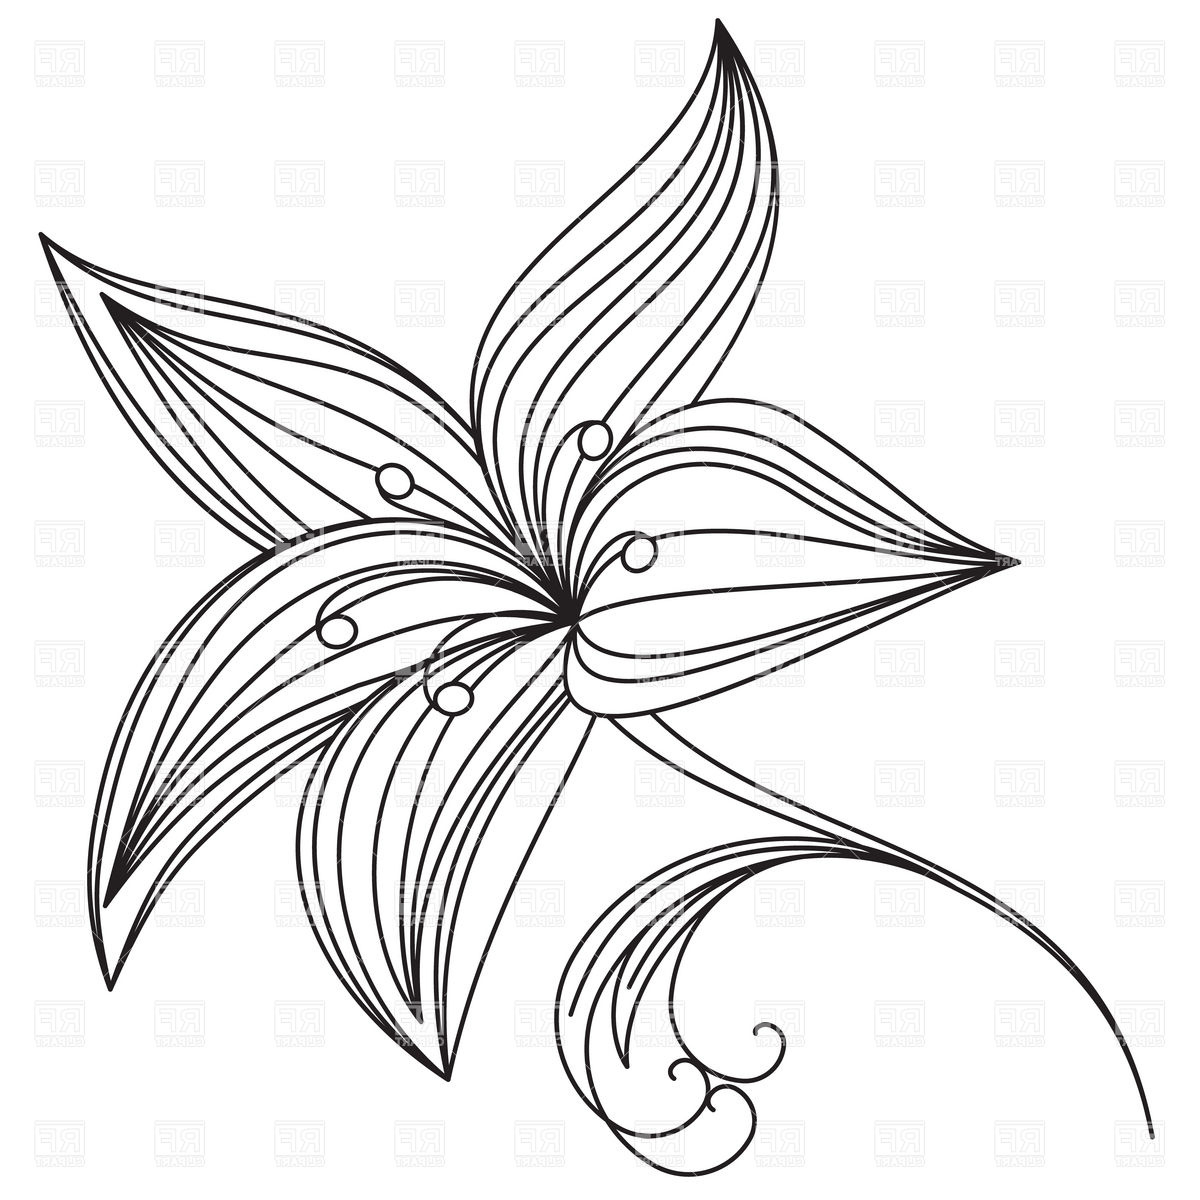 1200x1200 Simple Drawings Of A Very Beautiful Flowers Flower Drawings Easy